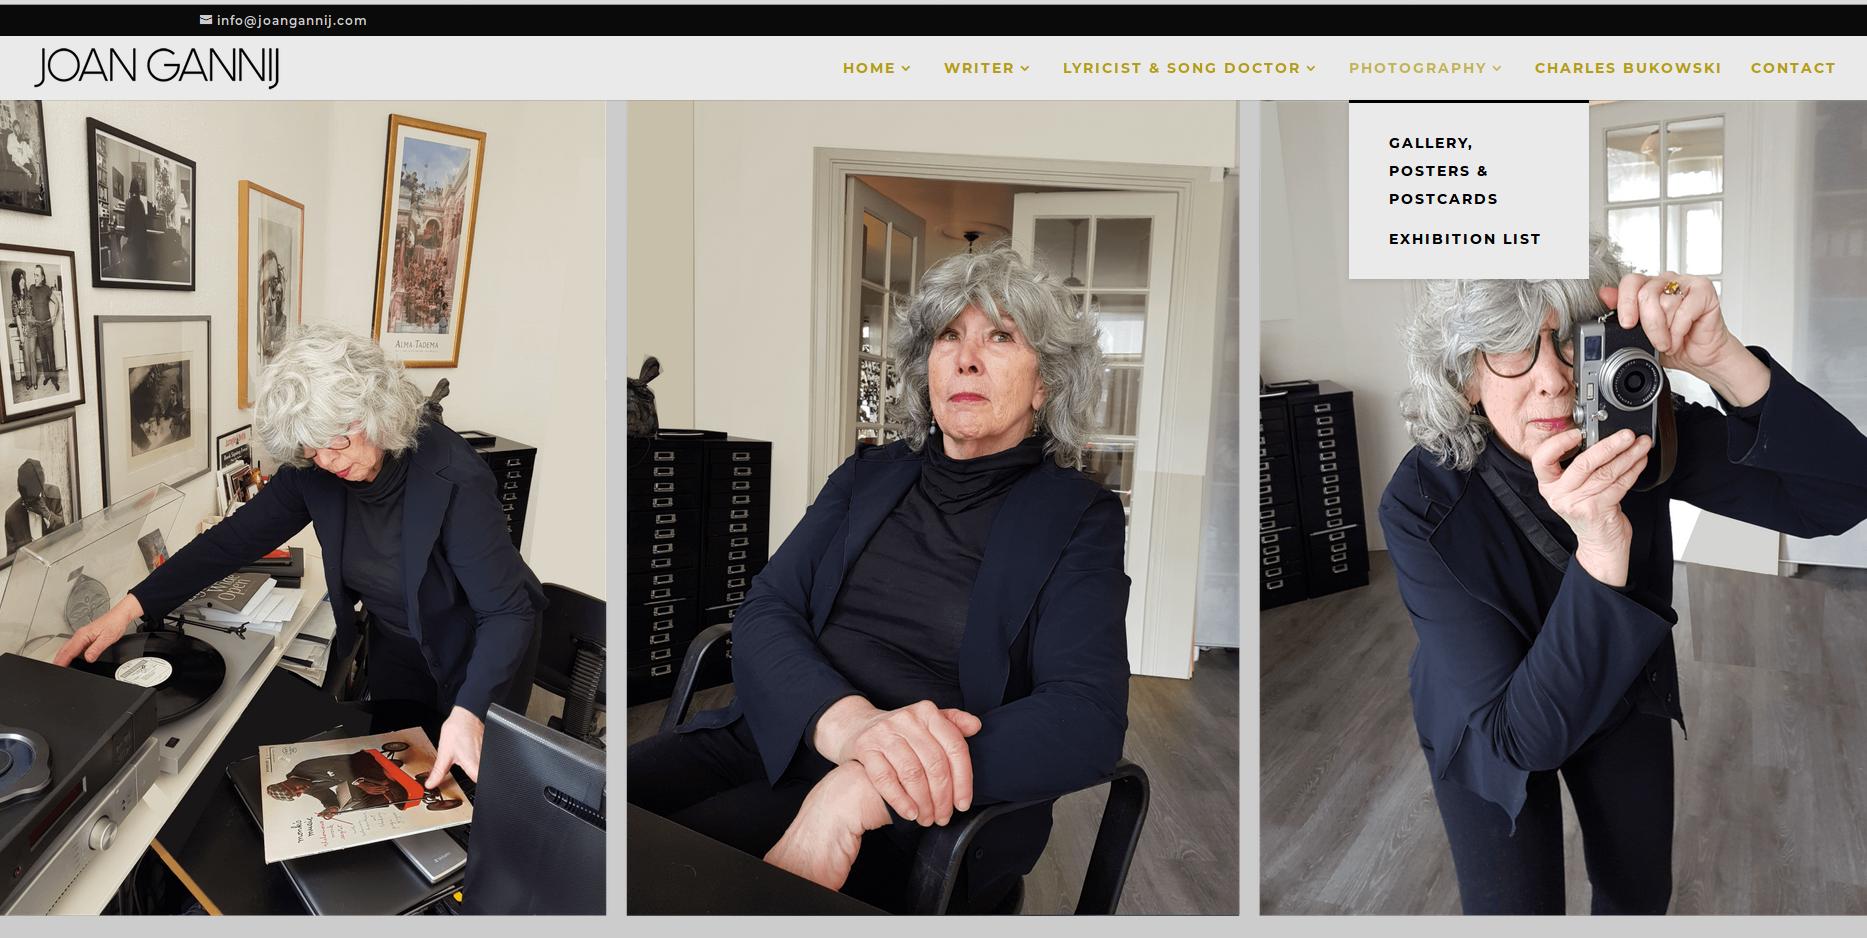 JOAN GANNIJ homepage